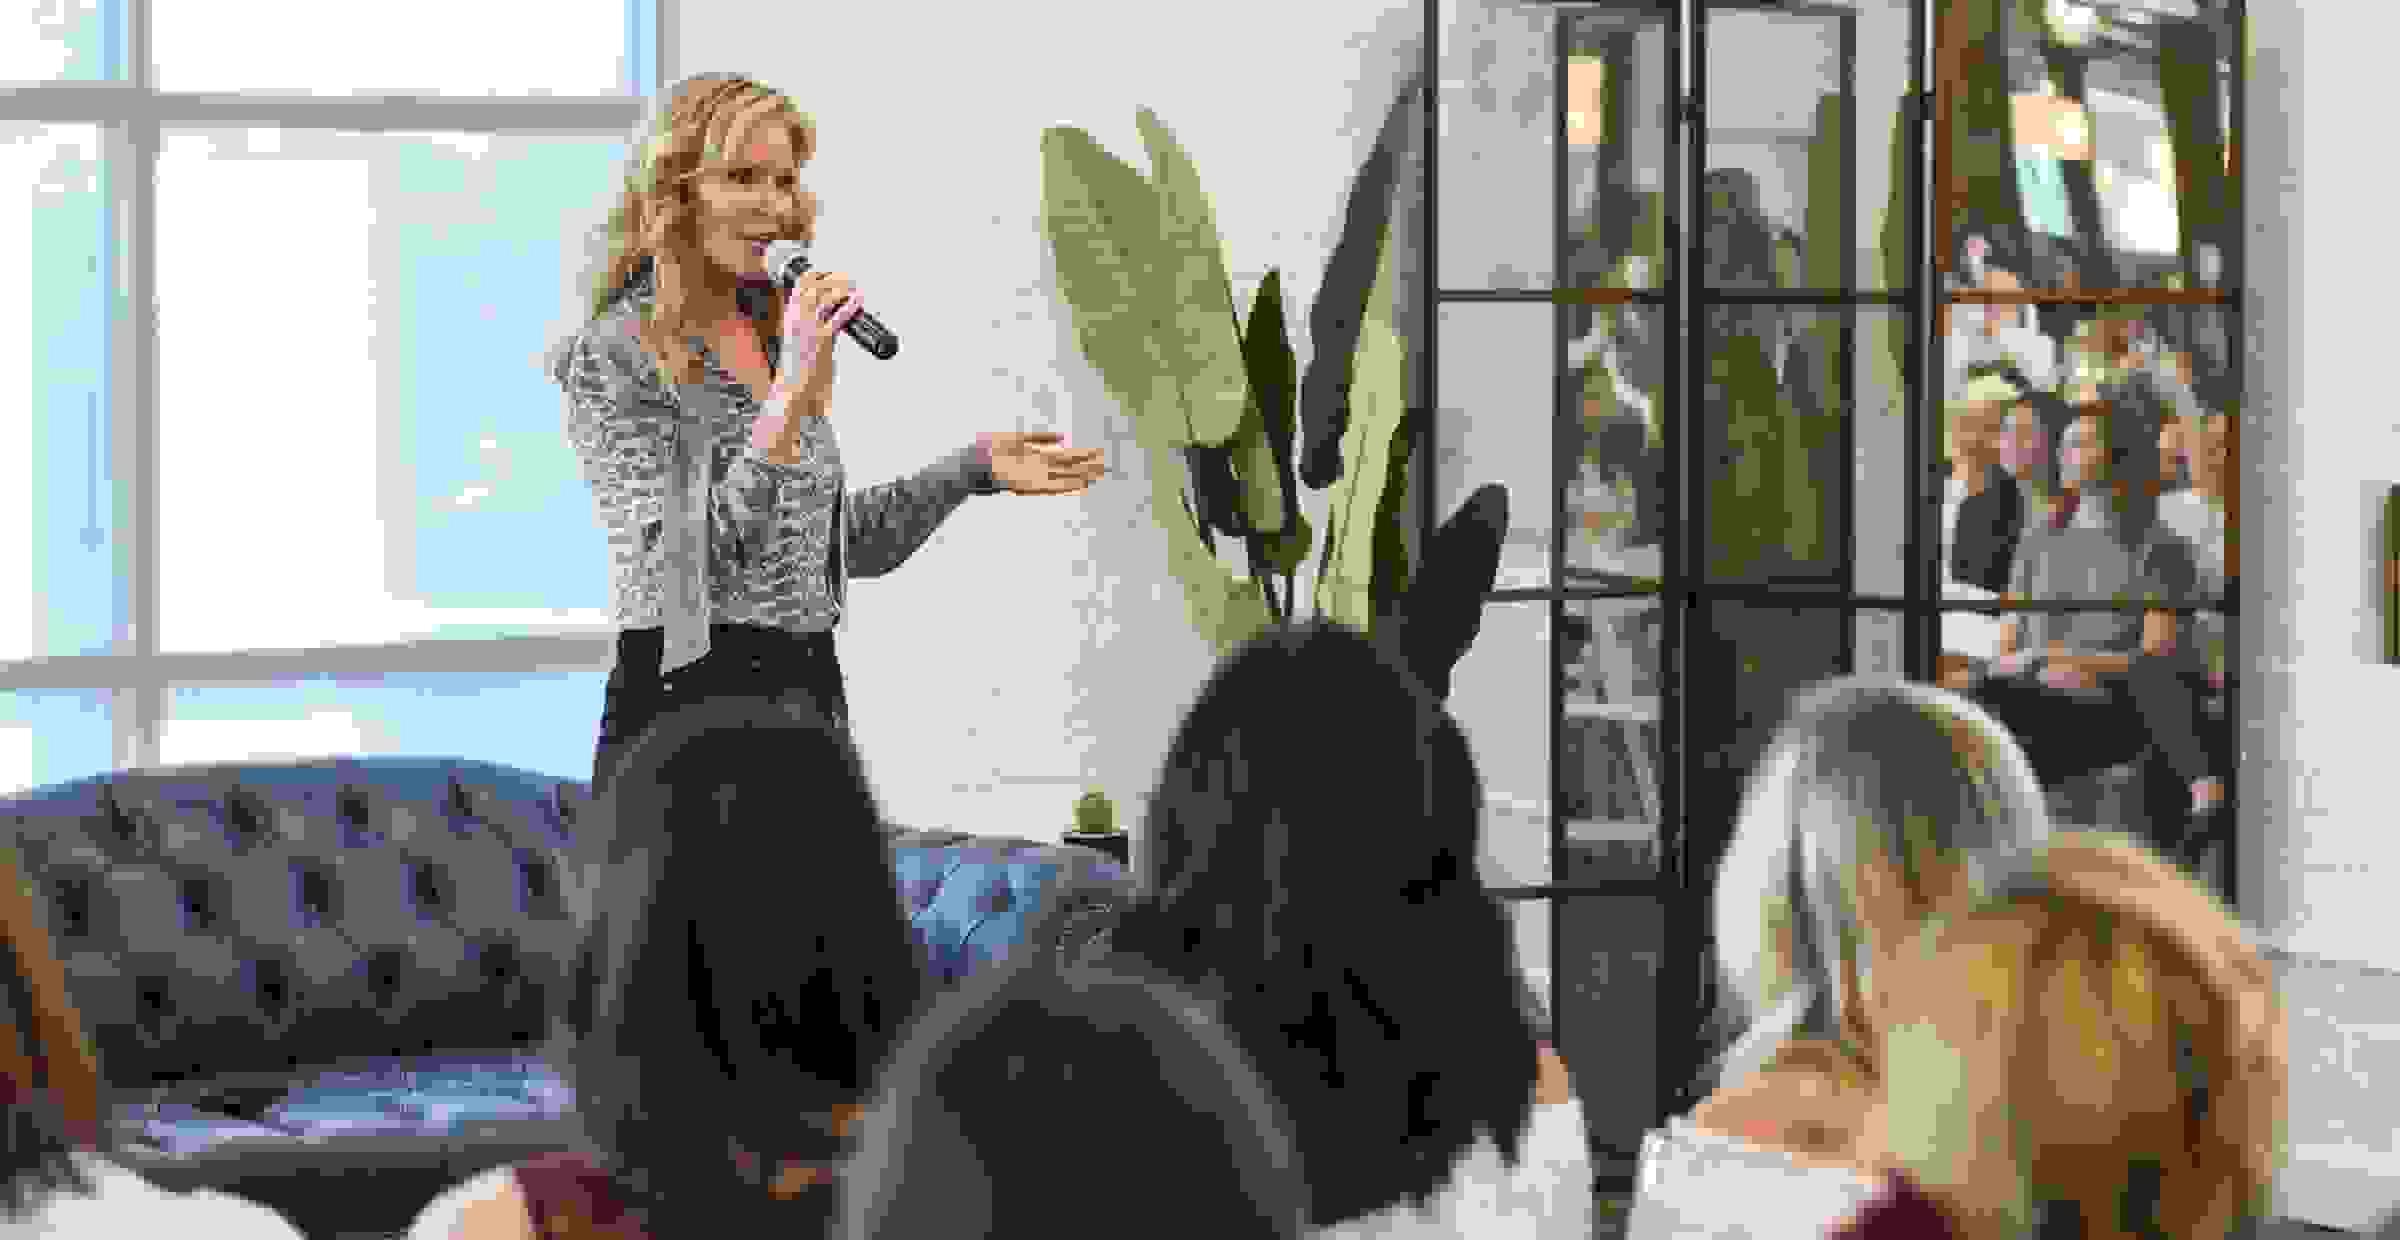 Paige Denim founder Paige Adams-Geller